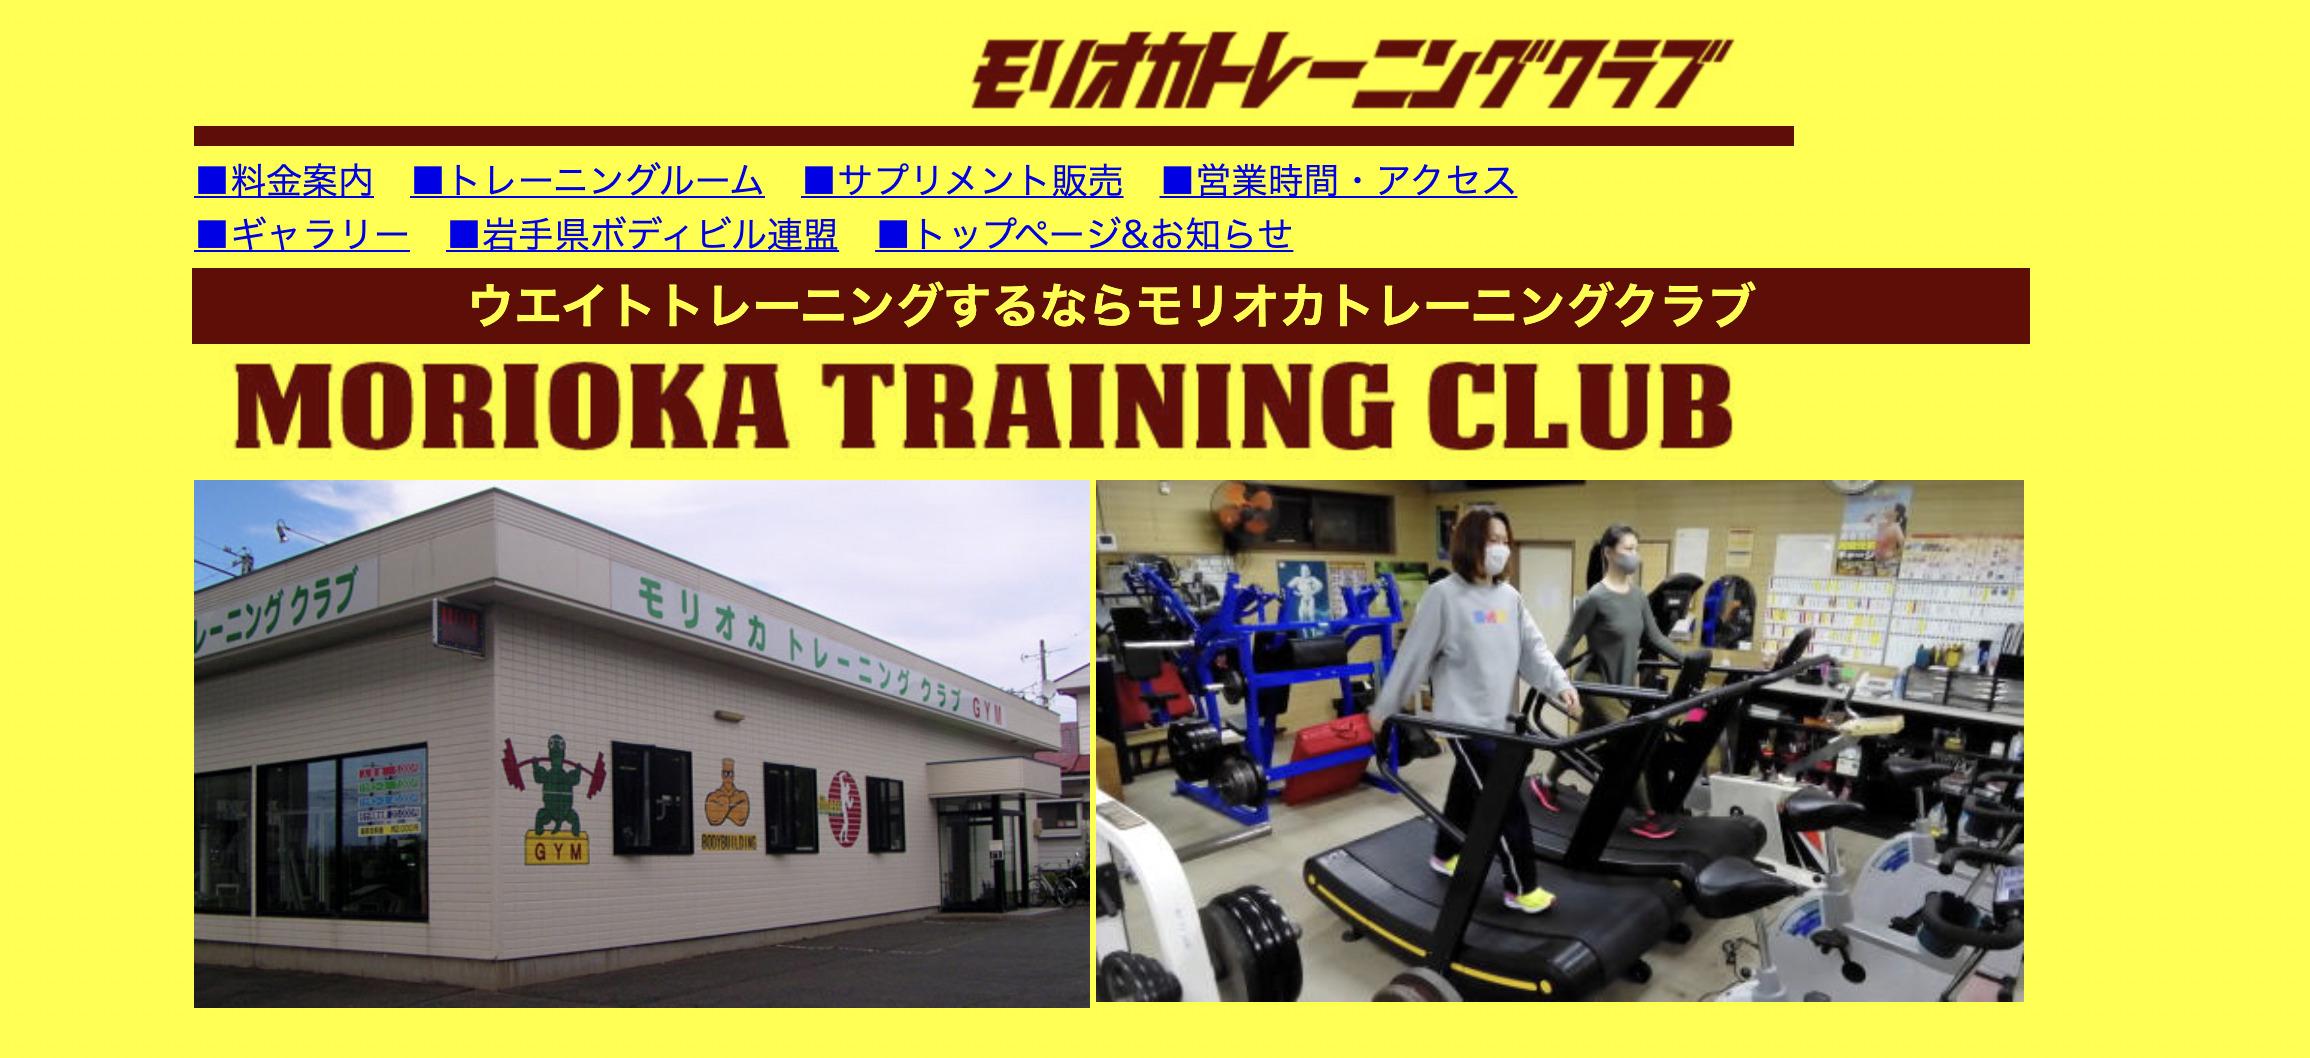 モリオカトレーニングクラブ